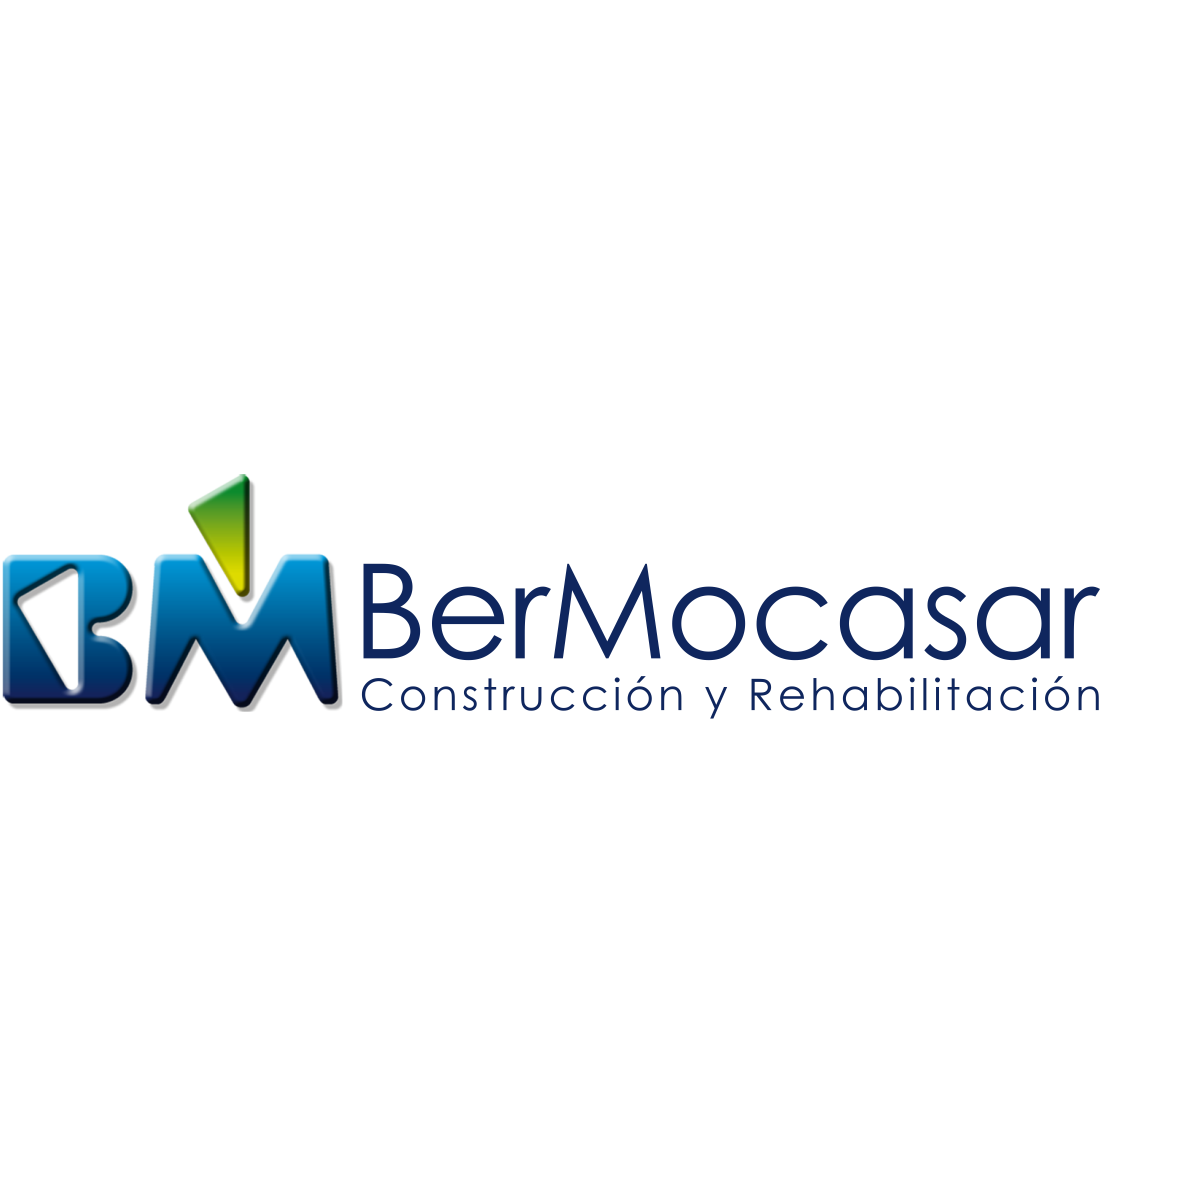 Bermocasar Construcción Y Rehabilitación